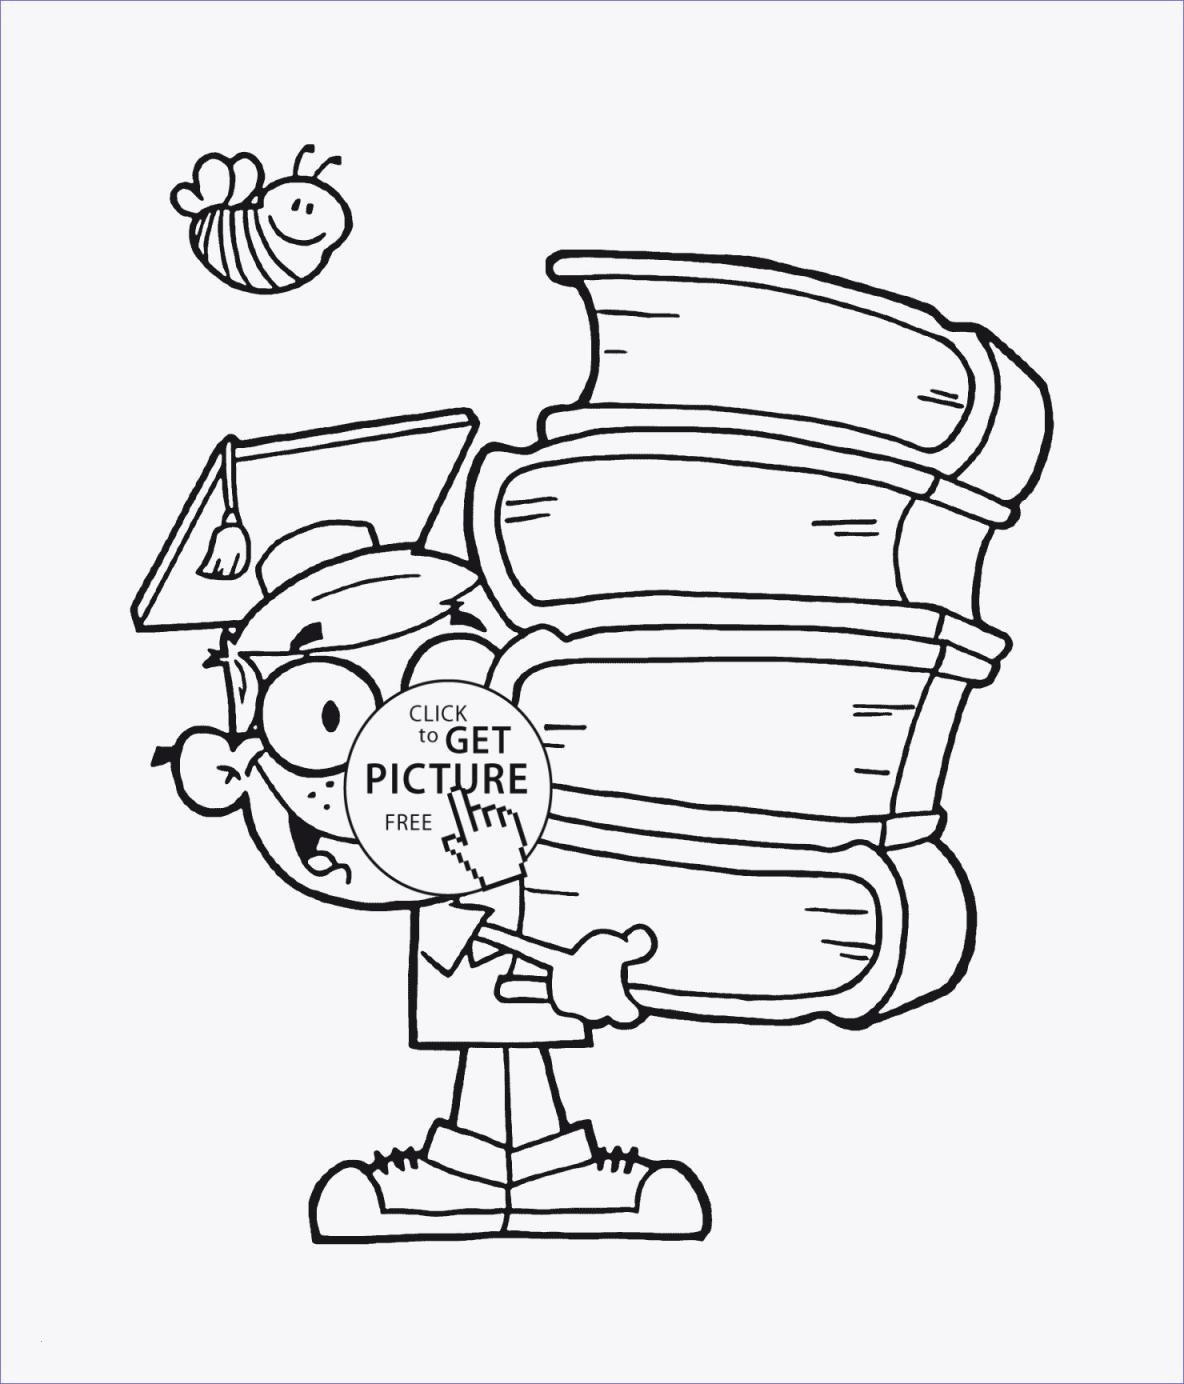 Ausmalbild Winnie Pooh Genial Malvorlagen Igel Frisch Igel Grundschule 0d Archives Uploadertalk Stock